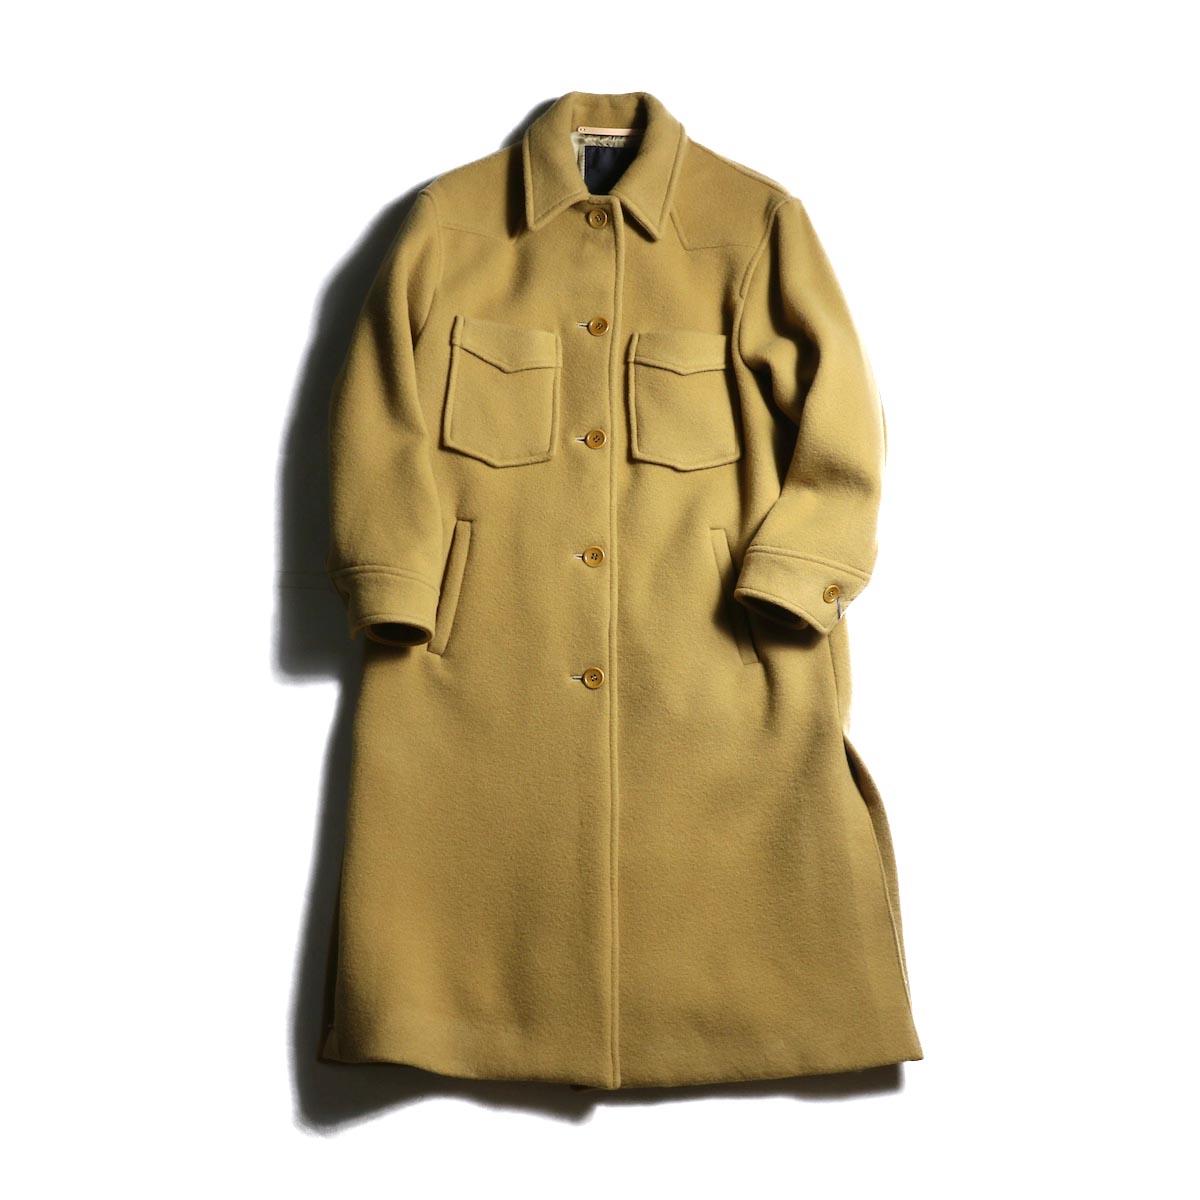 UNUSED Ladie's / US1710 Wool Coat (Beige)